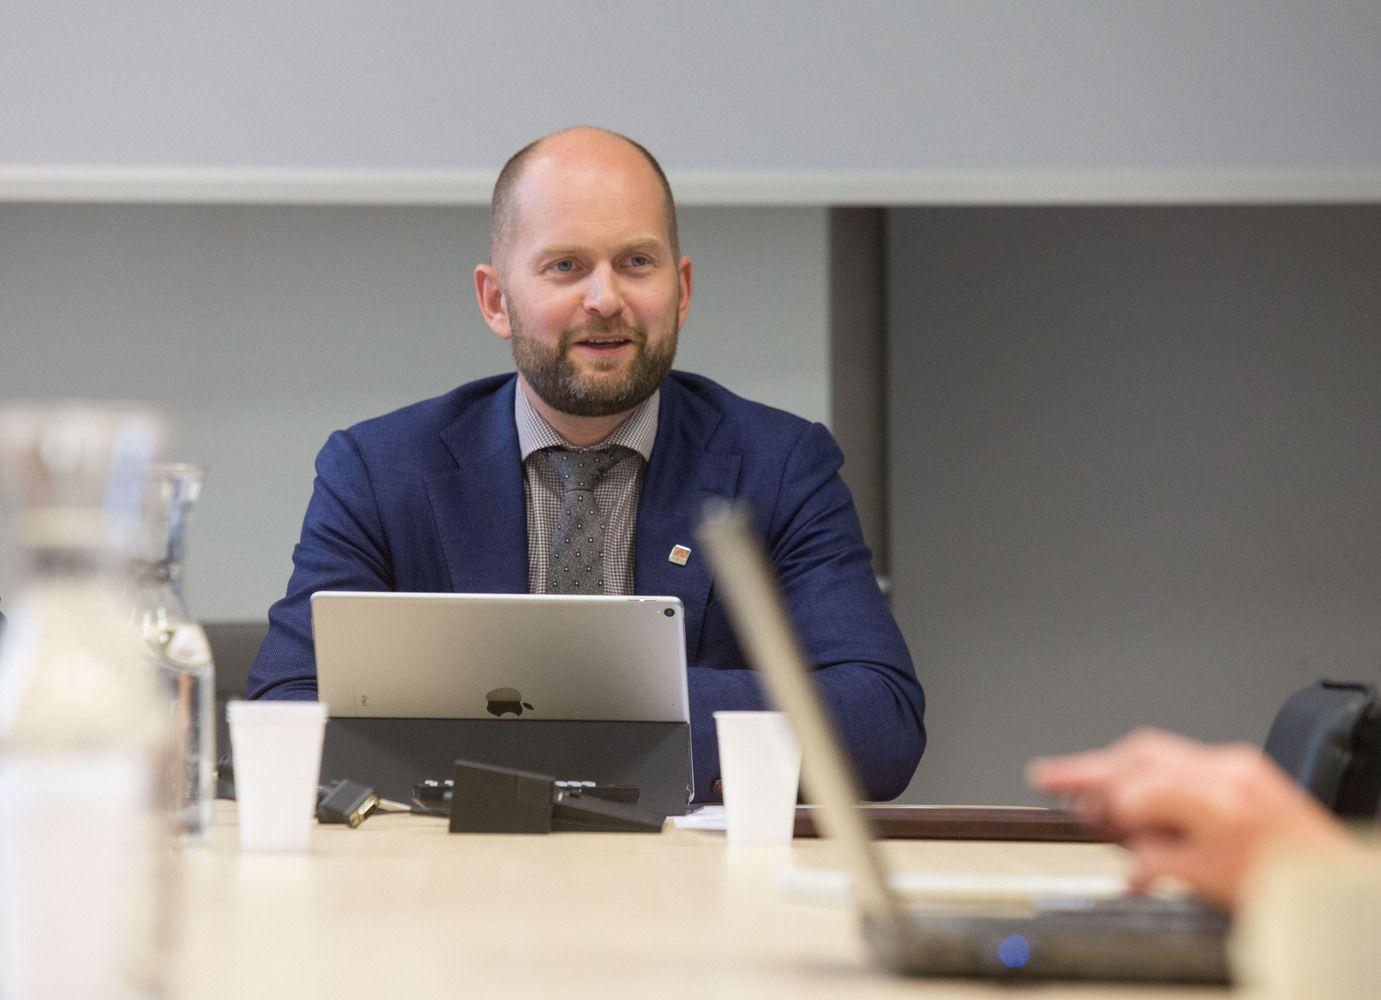 Kelių direkcija už 2,4 mln. eurų perka elektroninę kelių duomenų sistemą